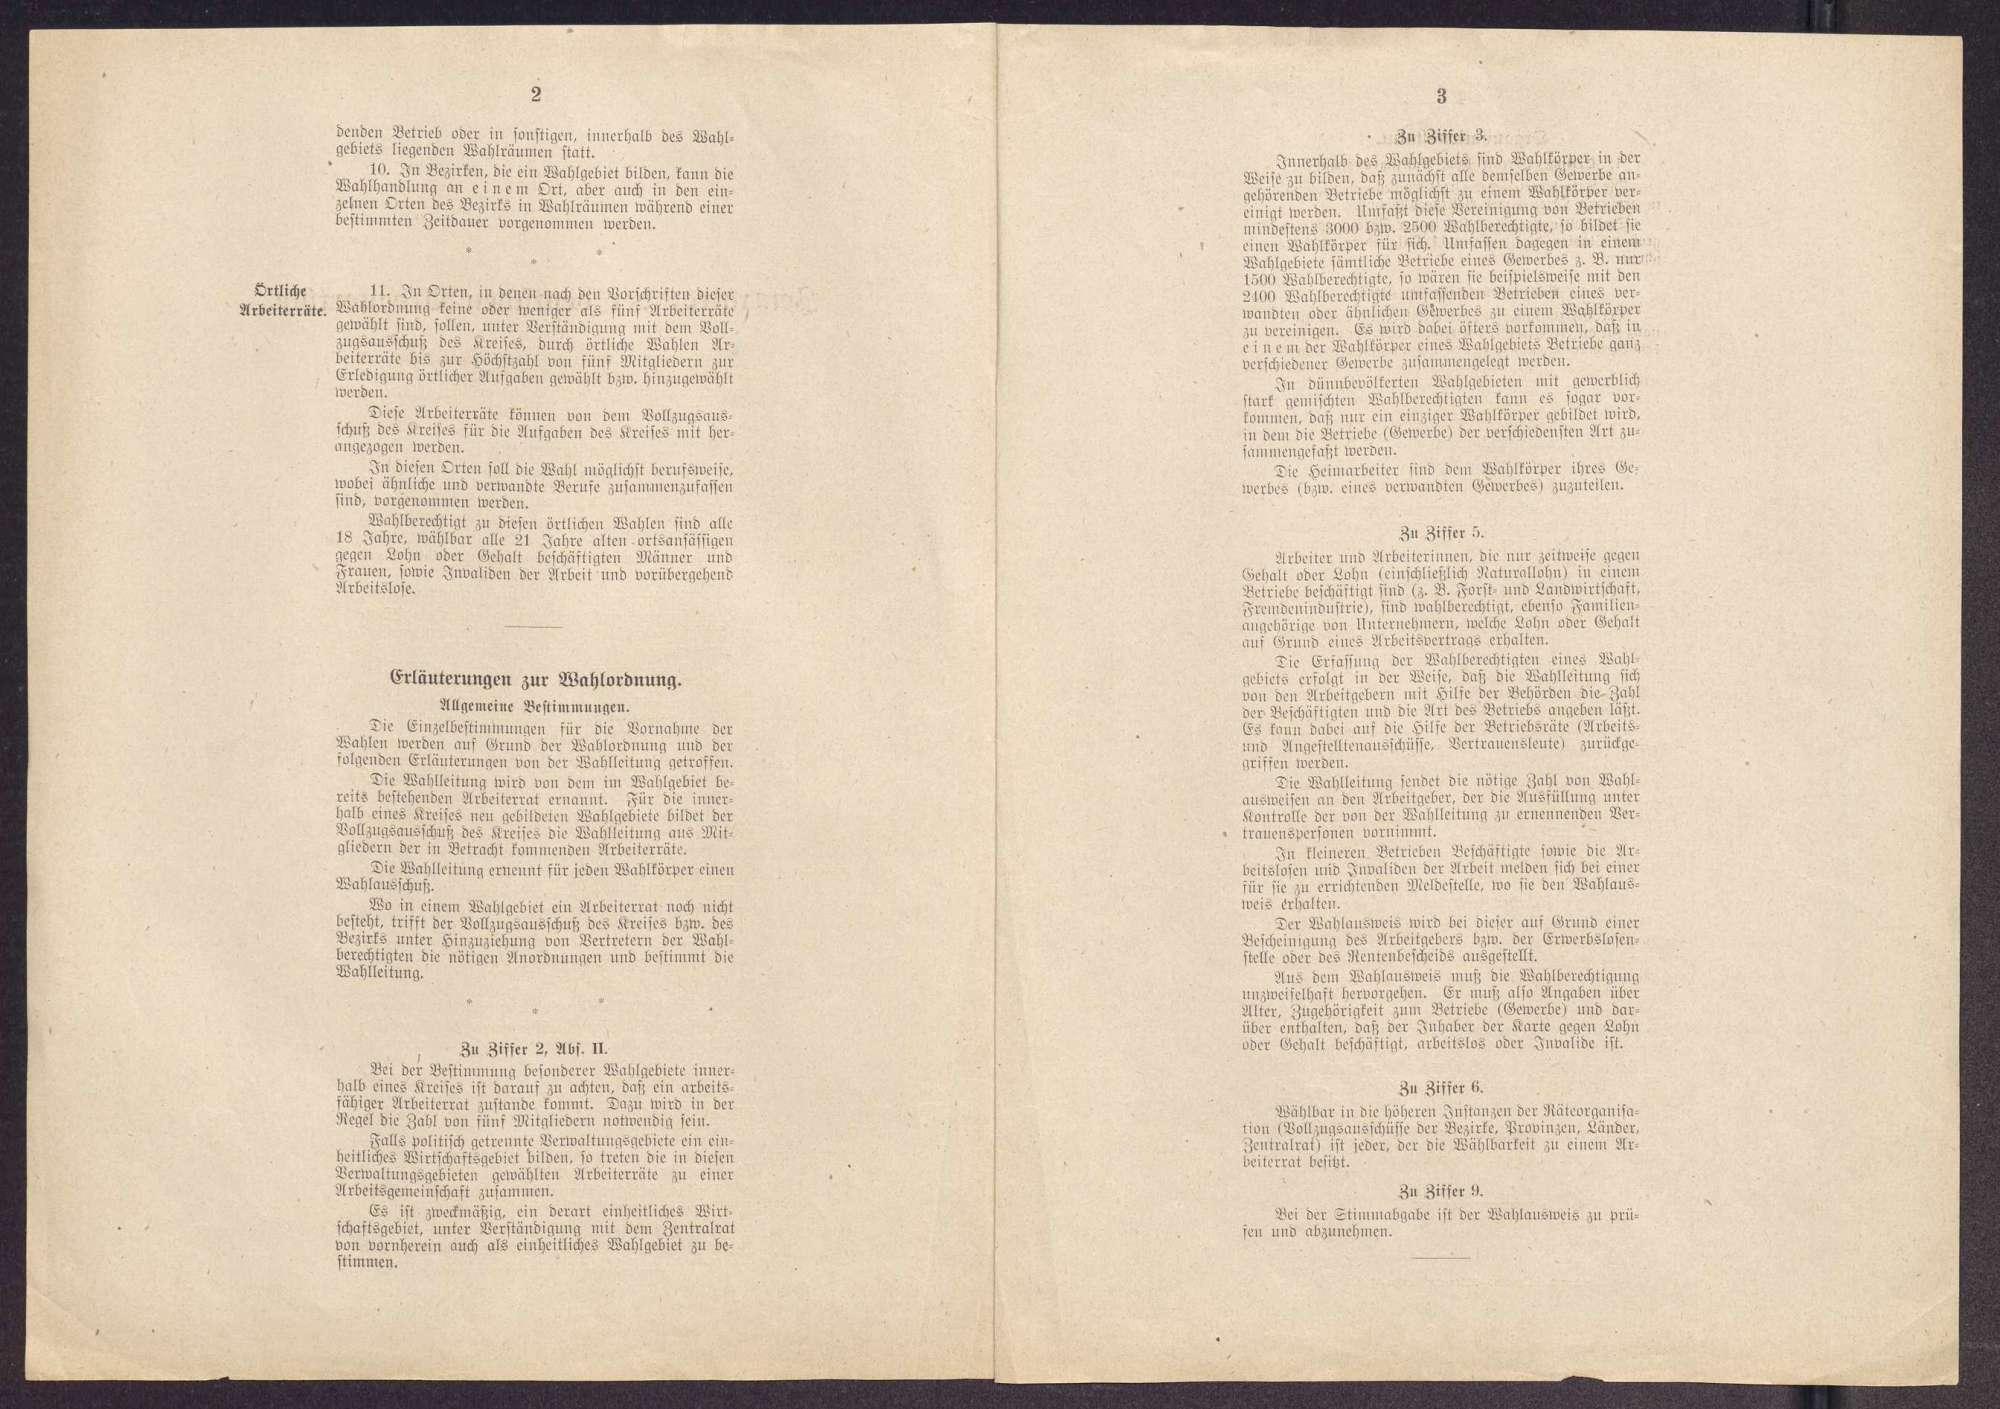 Wahlordnung und Organisationsstatut des Zentralrats der deutschen Arbeiterräte, Bild 2